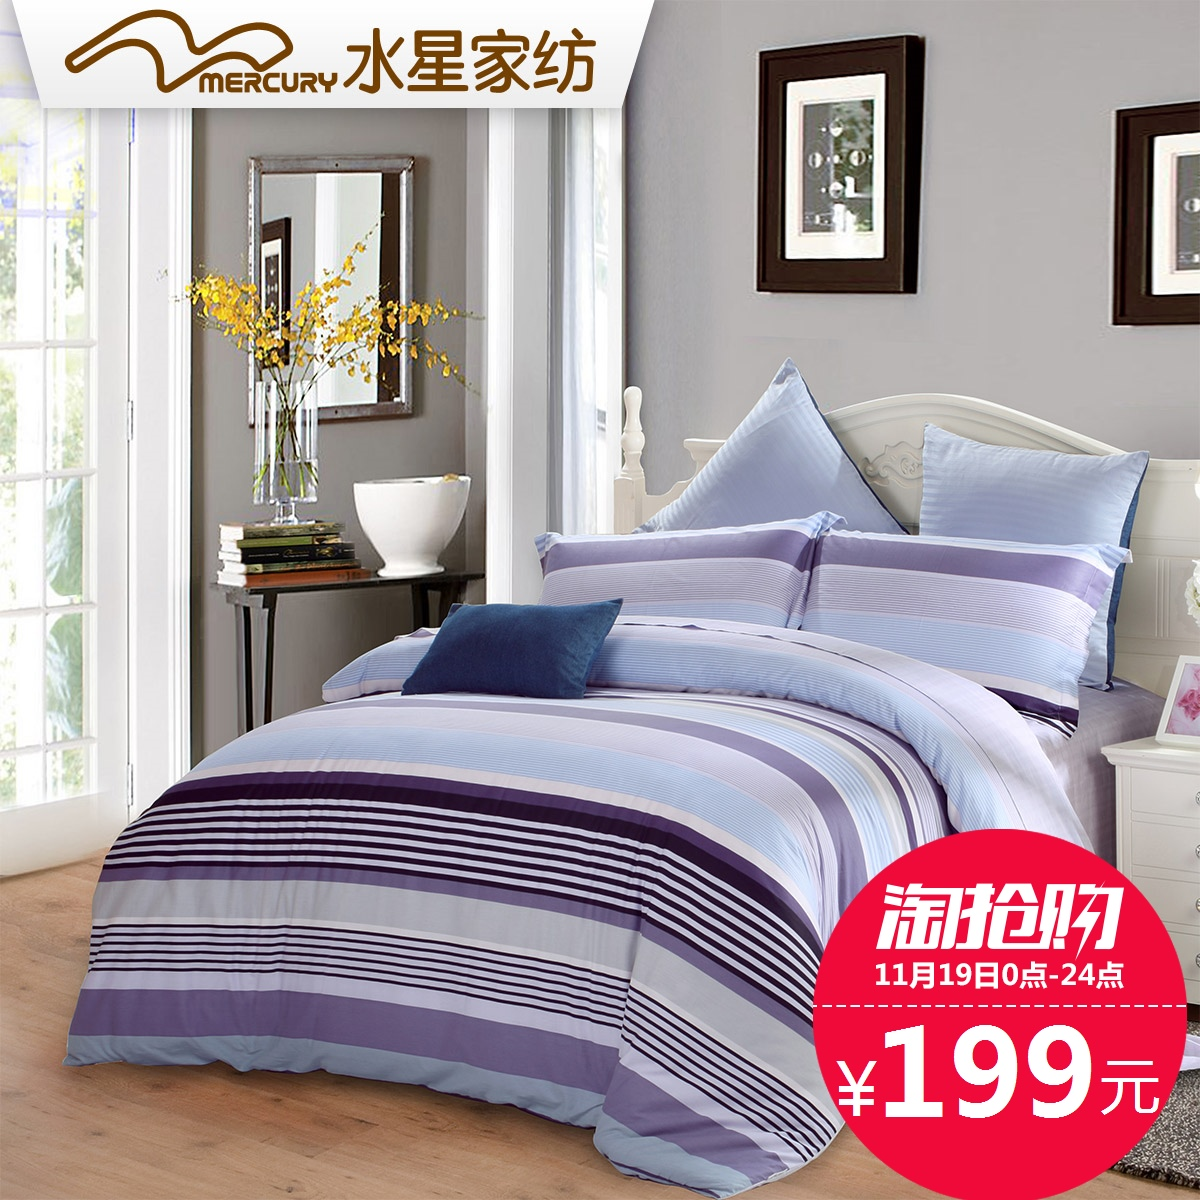 水星家紡 全棉斜紋印花四件套 墨菲特 簡約被套床上用品1.8m床品